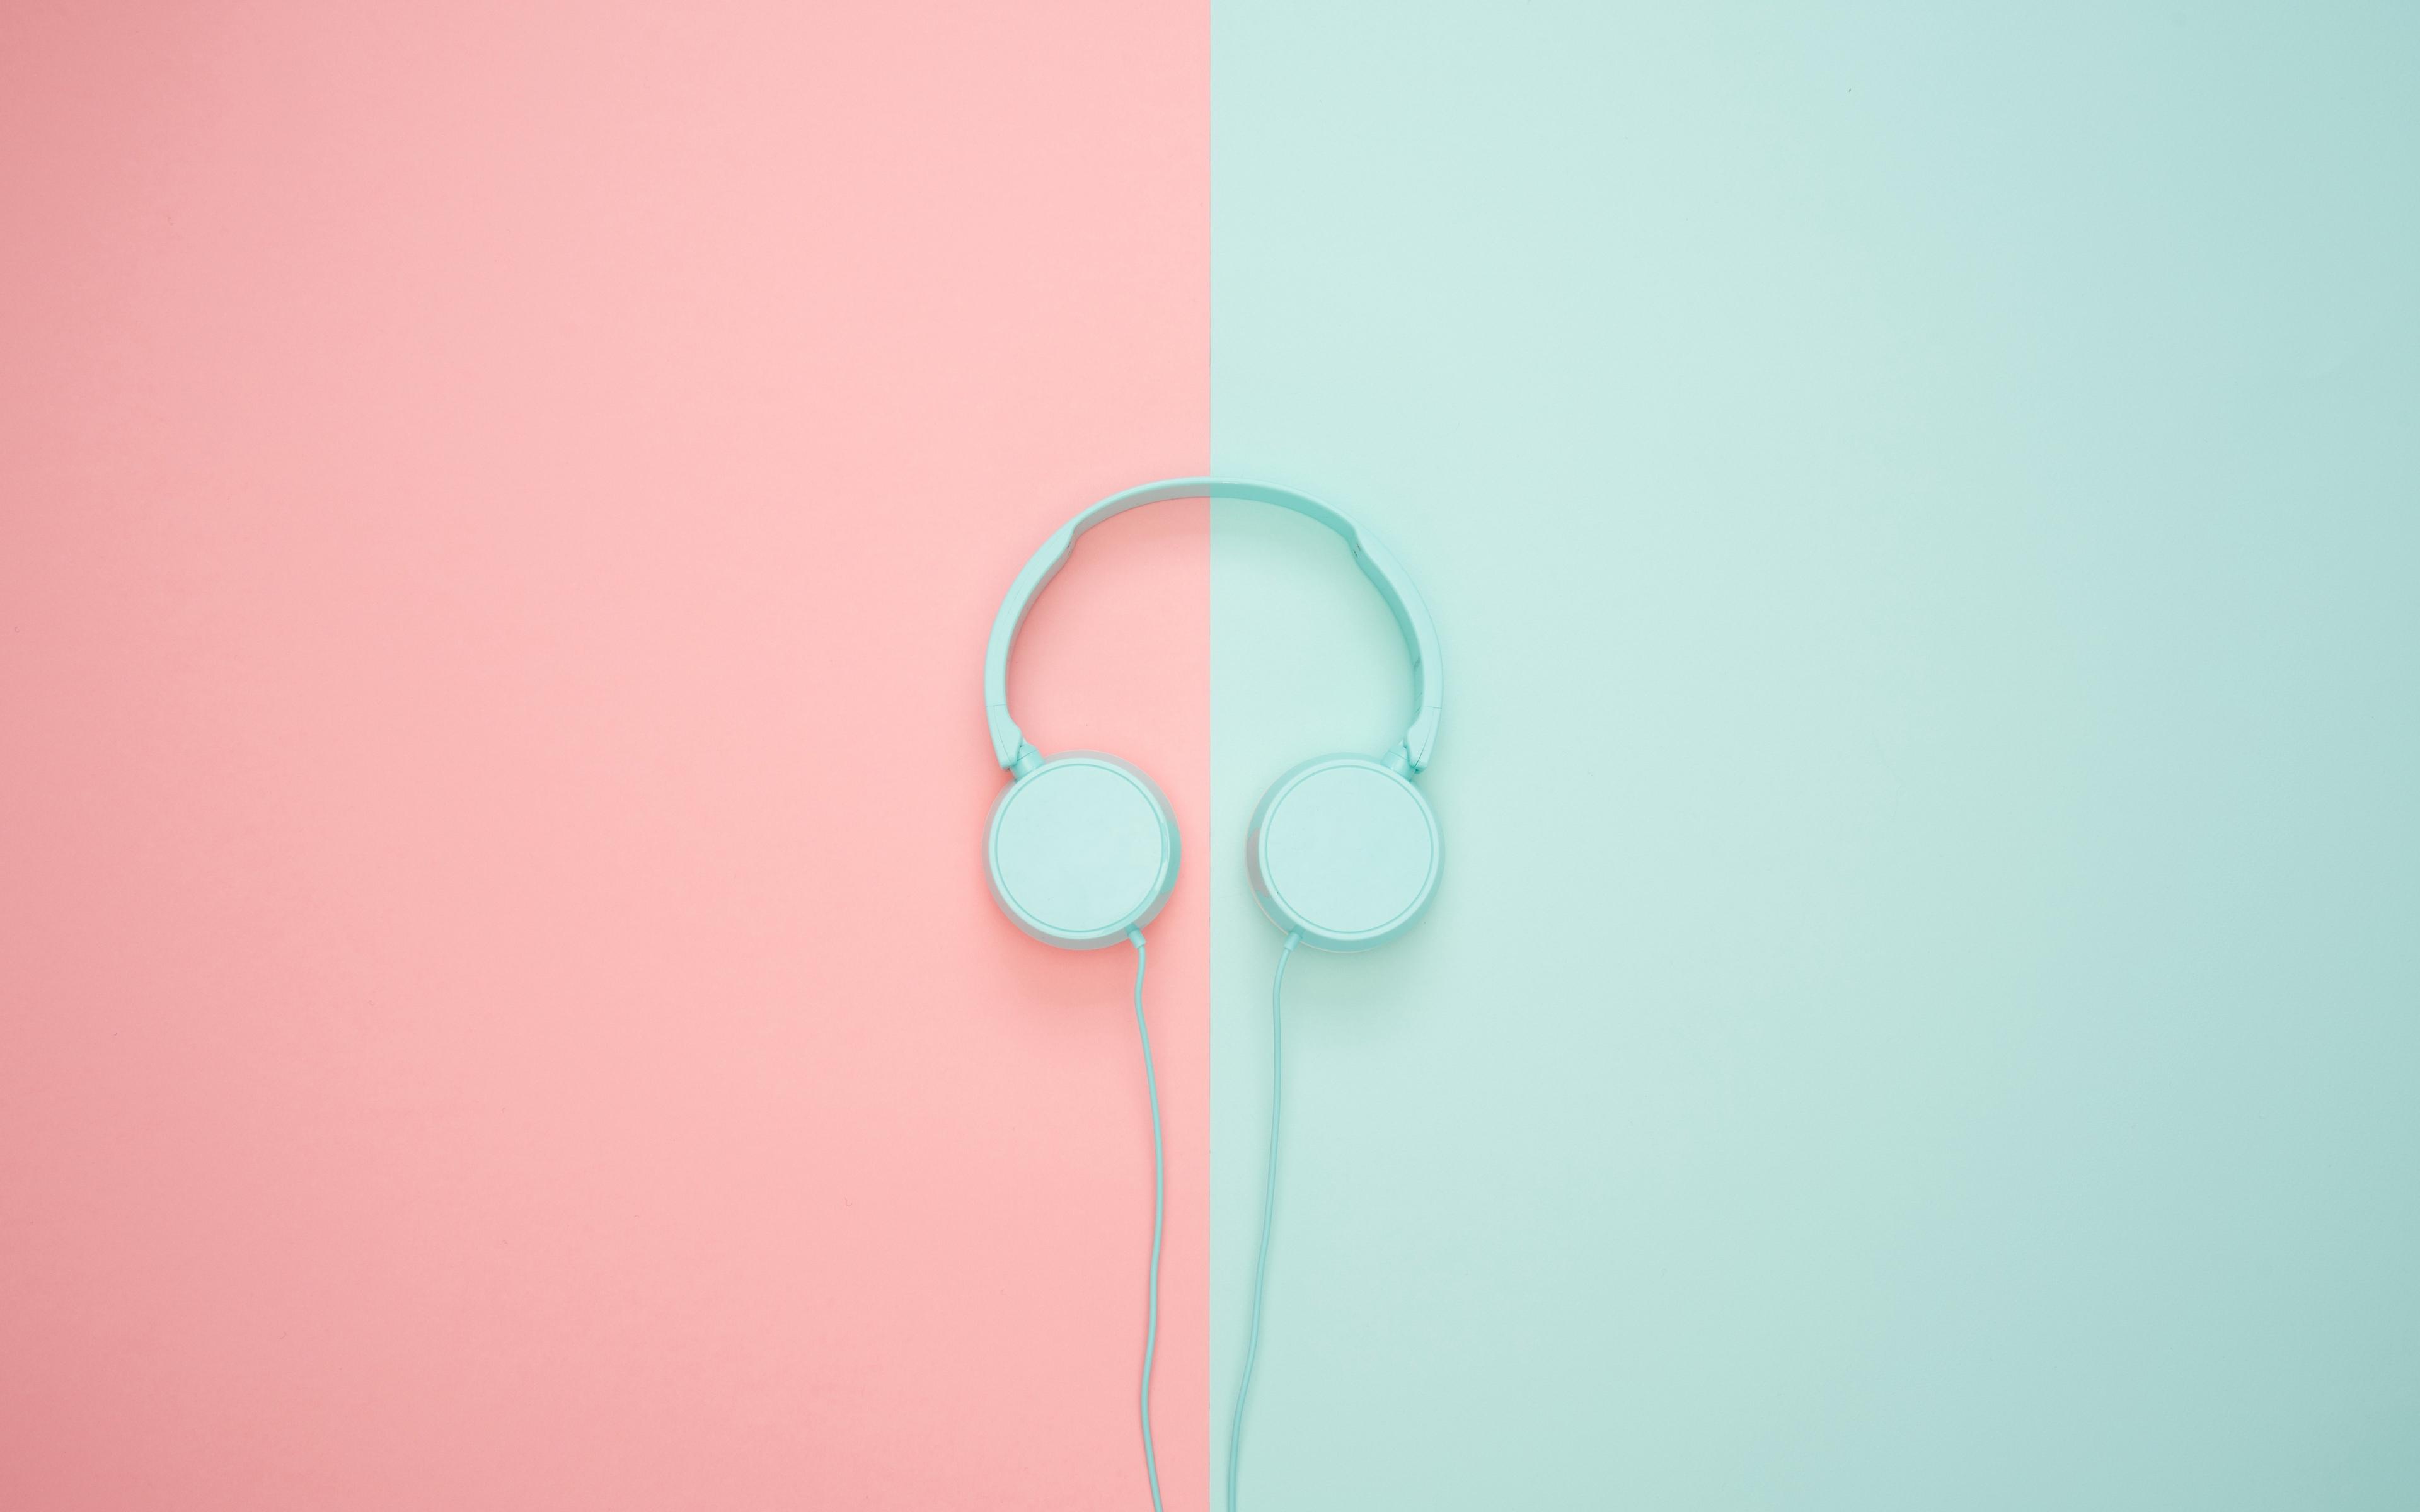 Wallpaper Headphones Minimalism Pastel Pink Pastel Desktop 37245 Hd Wallpaper Backgrounds Download